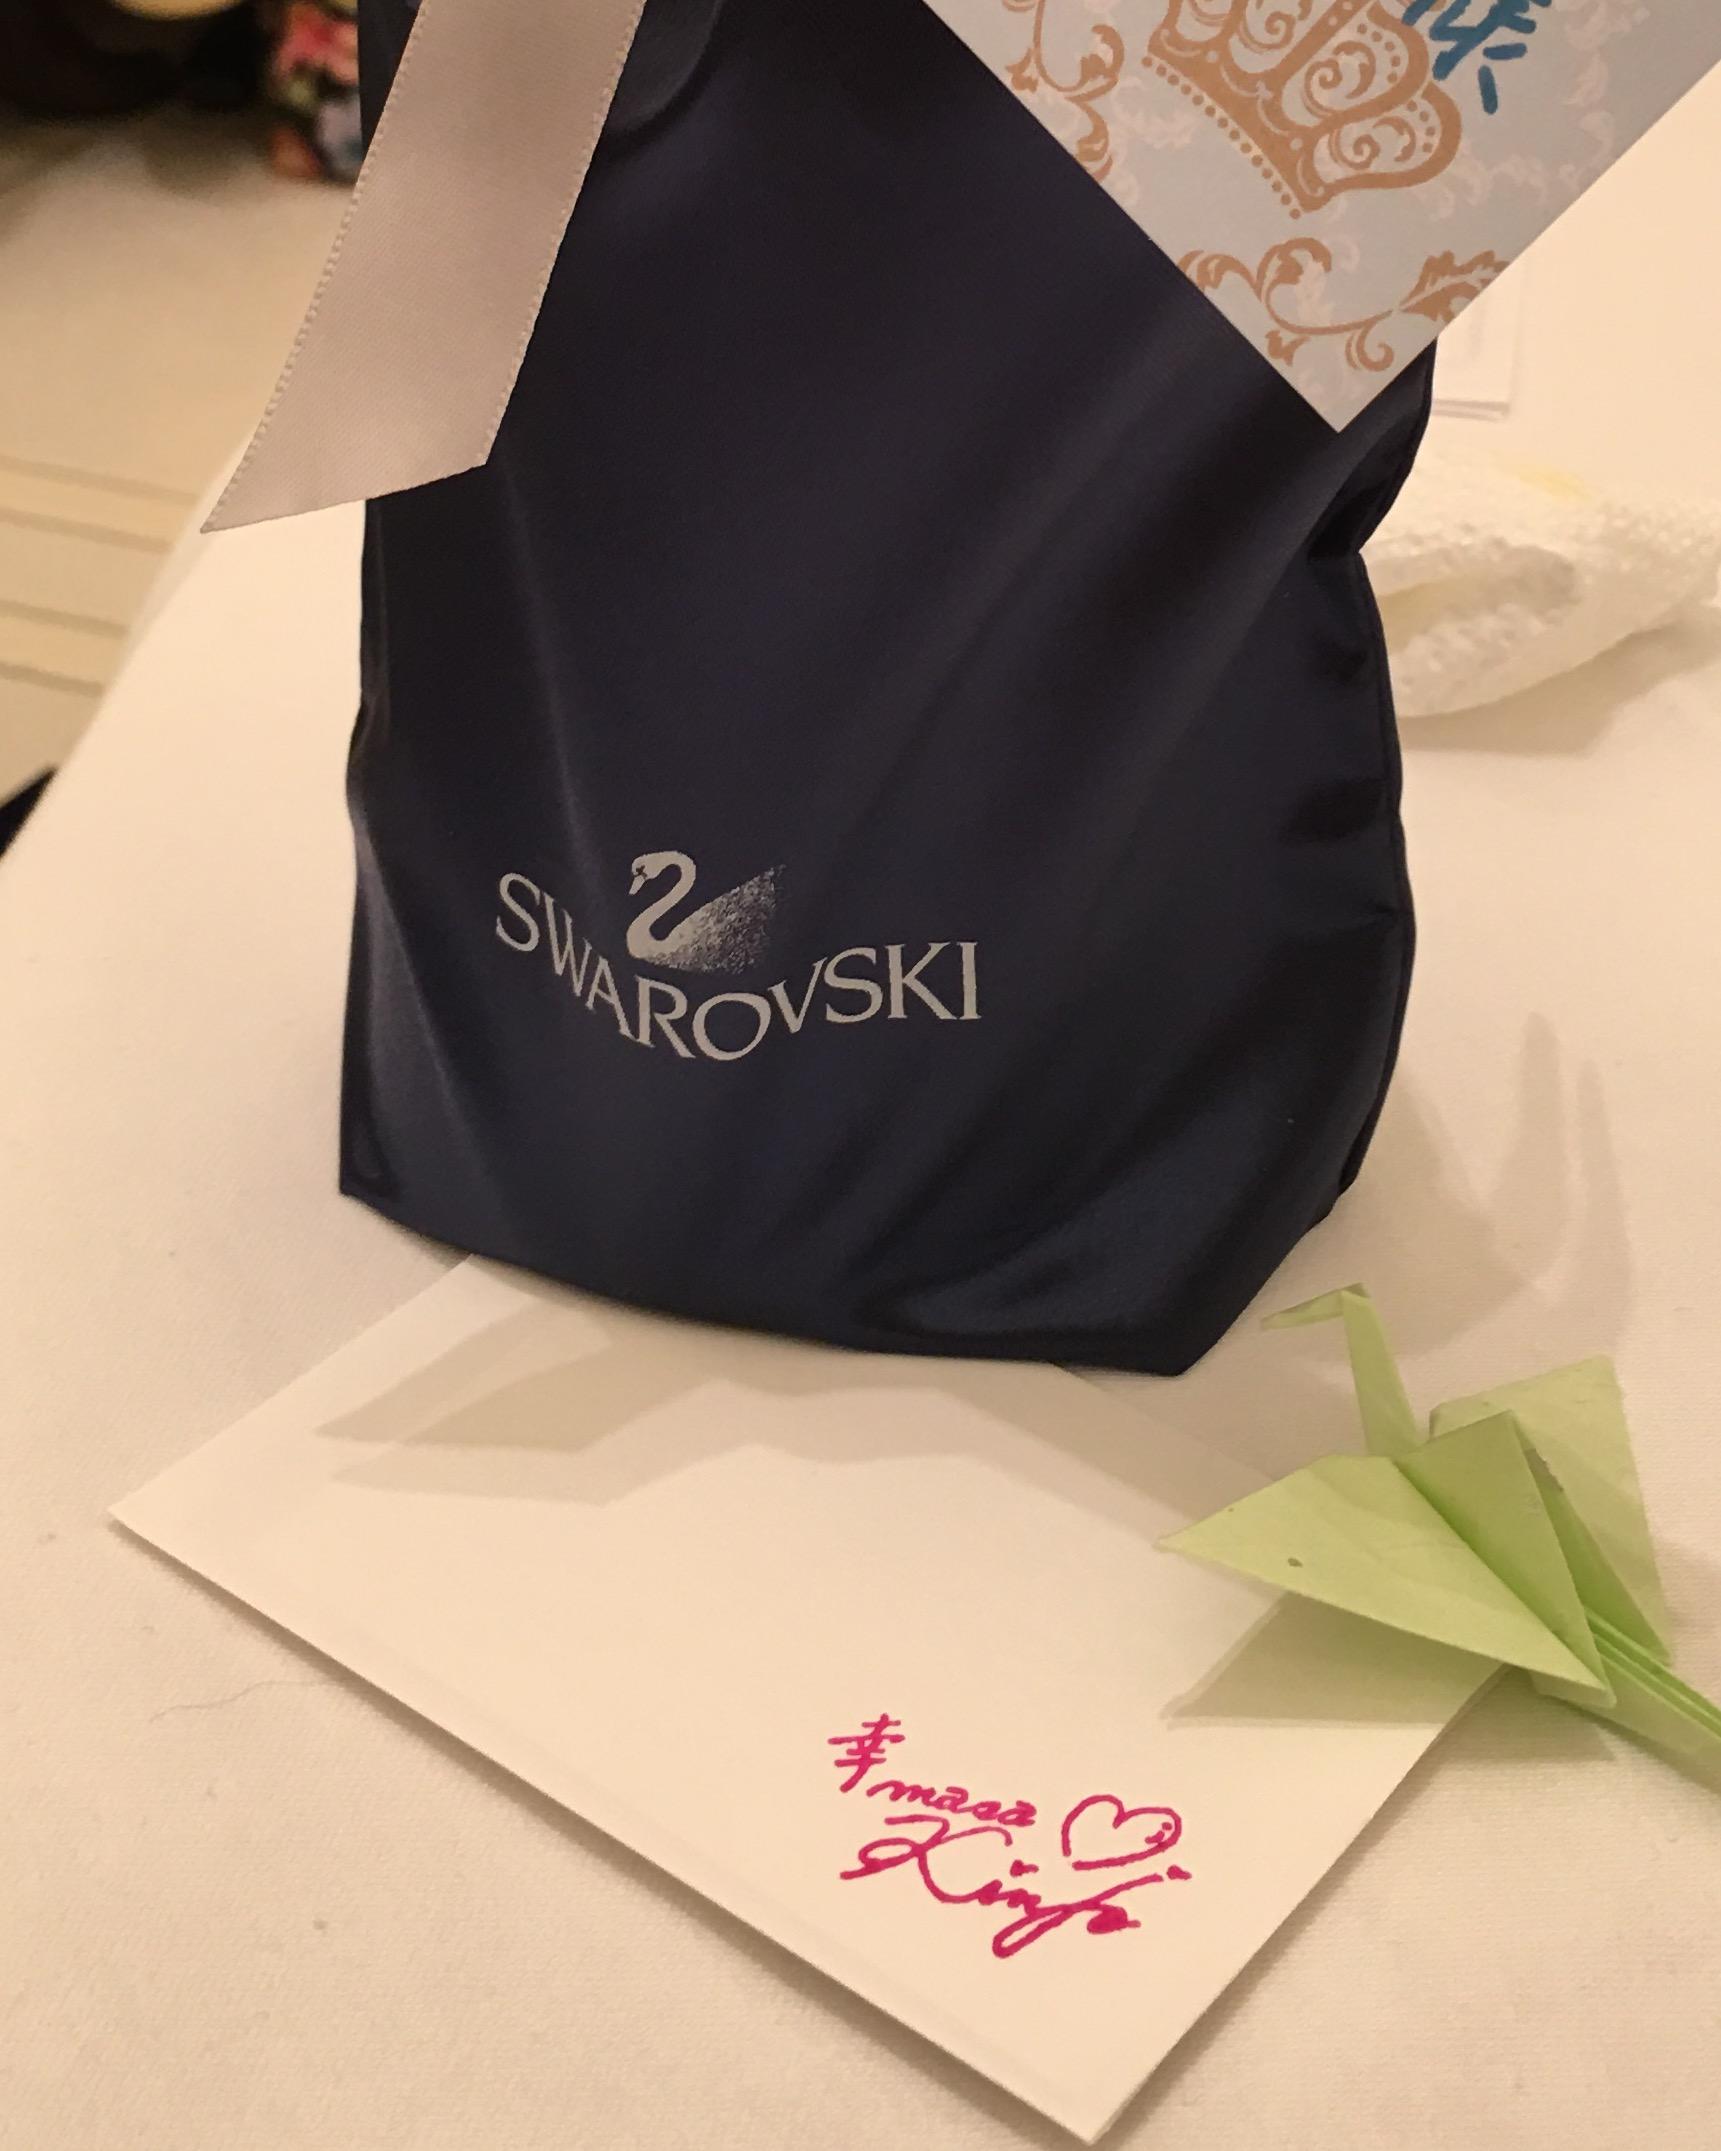 今年も皆勤賞の方にスワロフスキーの豪華なプレゼント